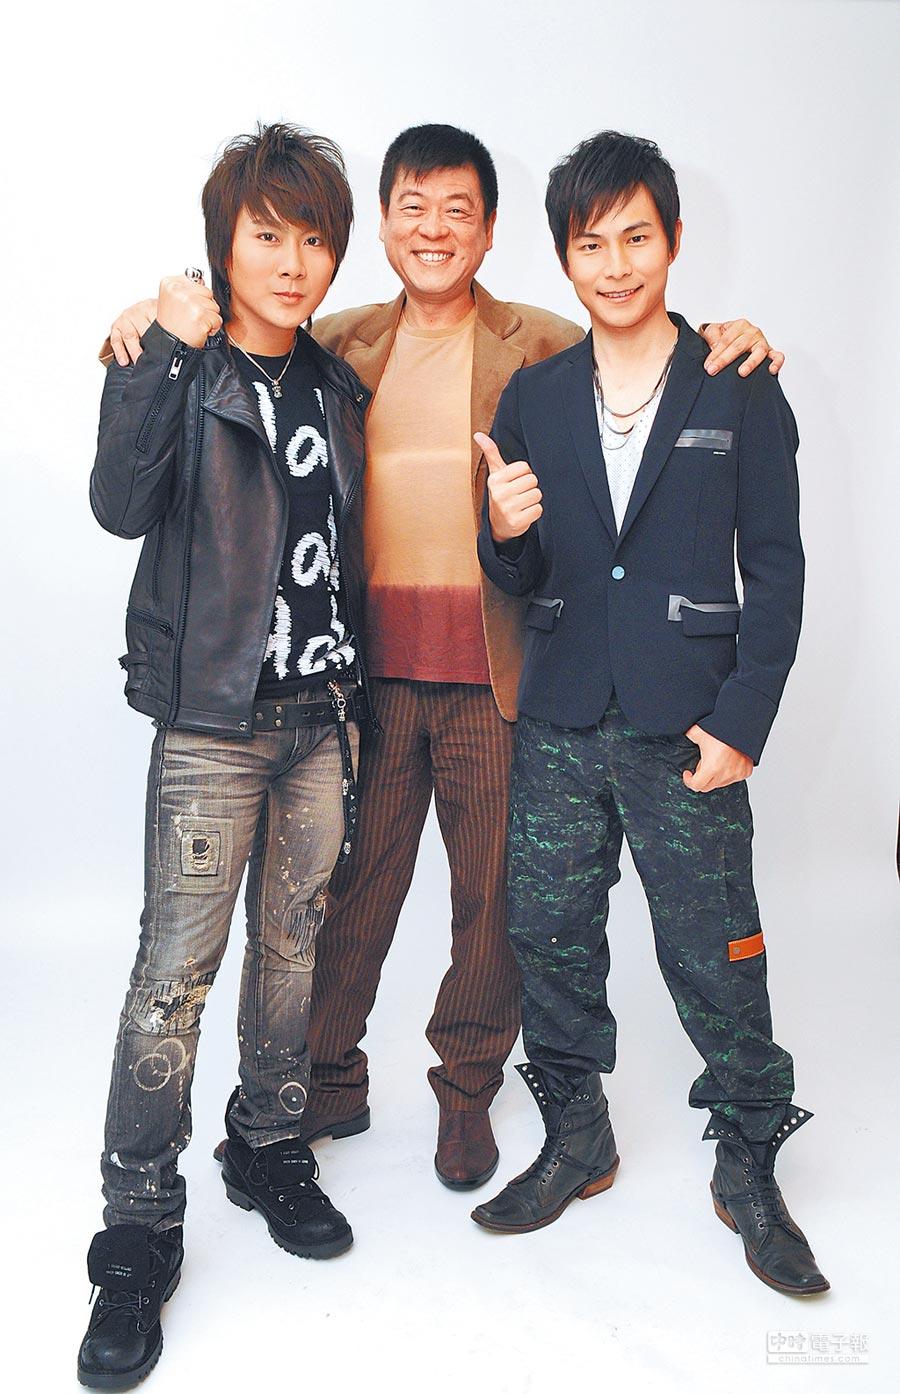 孫德榮(中)昔日成功打造5566成為當紅偶像團體,孫協志(右)和王仁甫是其中團員。(資料照片)